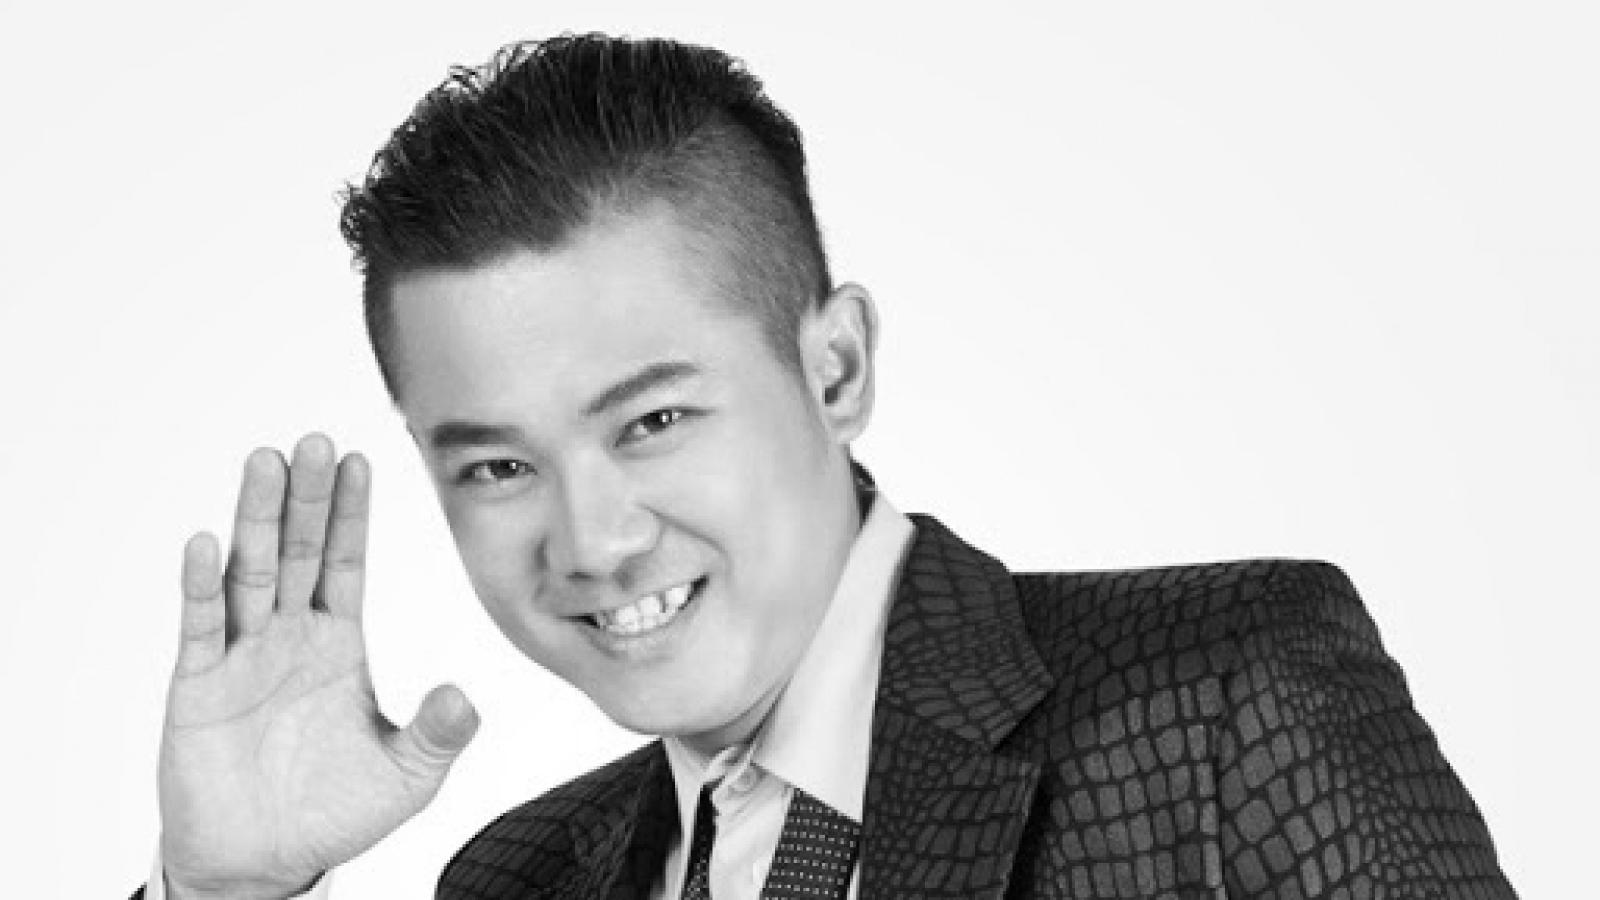 Nam ca sĩ Vân Quang Long đột ngột qua đời tại Mỹ